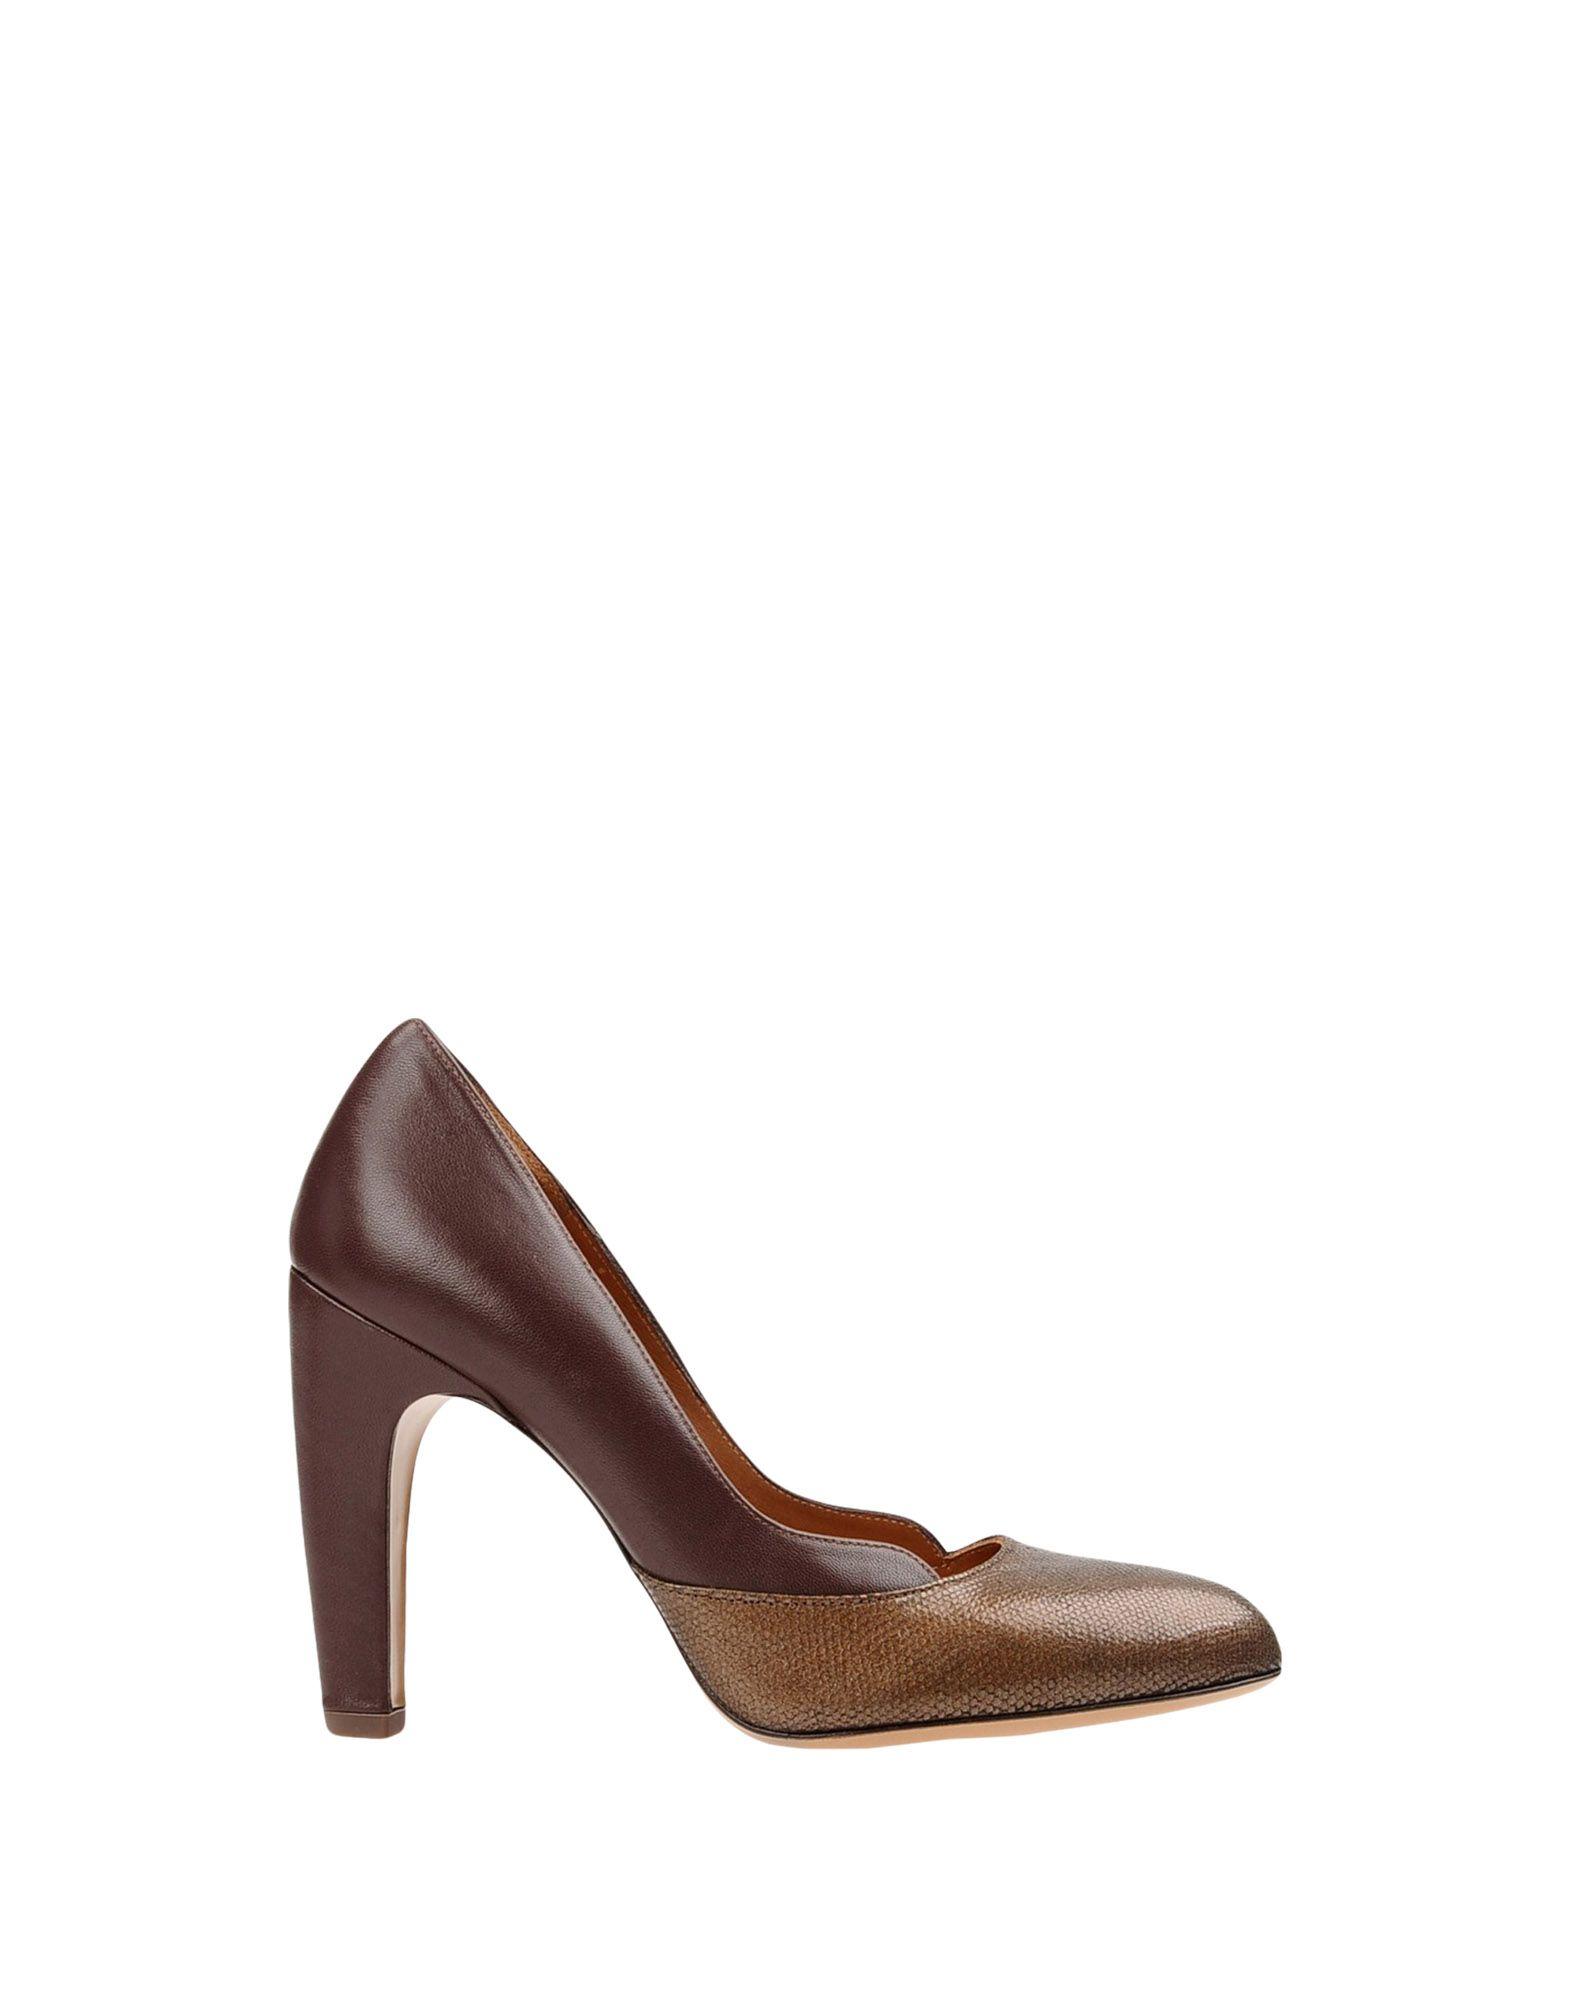 Chie By Chie 11349871WMGut Mihara Pumps Damen  11349871WMGut Chie aussehende strapazierfähige Schuhe c45bdd